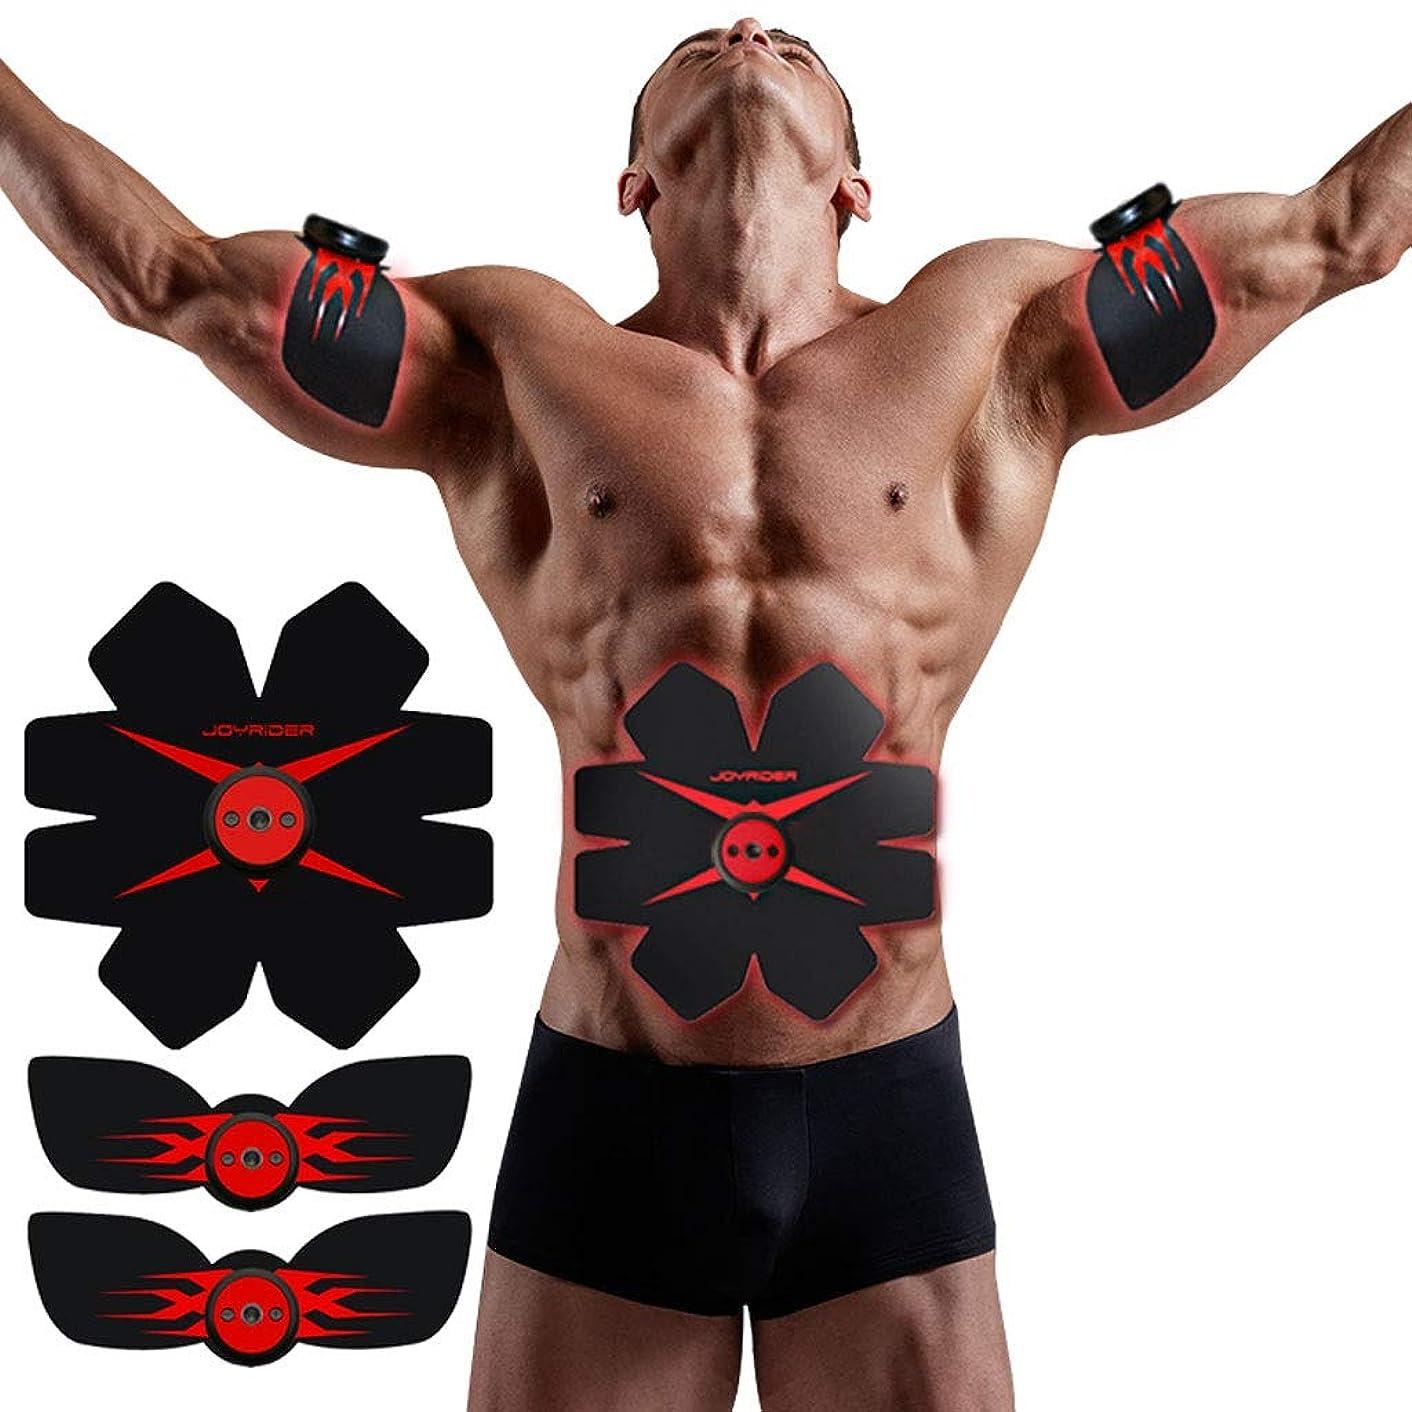 持ってる九月タールEMS AbsトレーナーAbベルト、腹部調色ベルト、腹筋刺激装置、ABSマシンAbベルト調色ジムワークアウトマシン用男性&女性